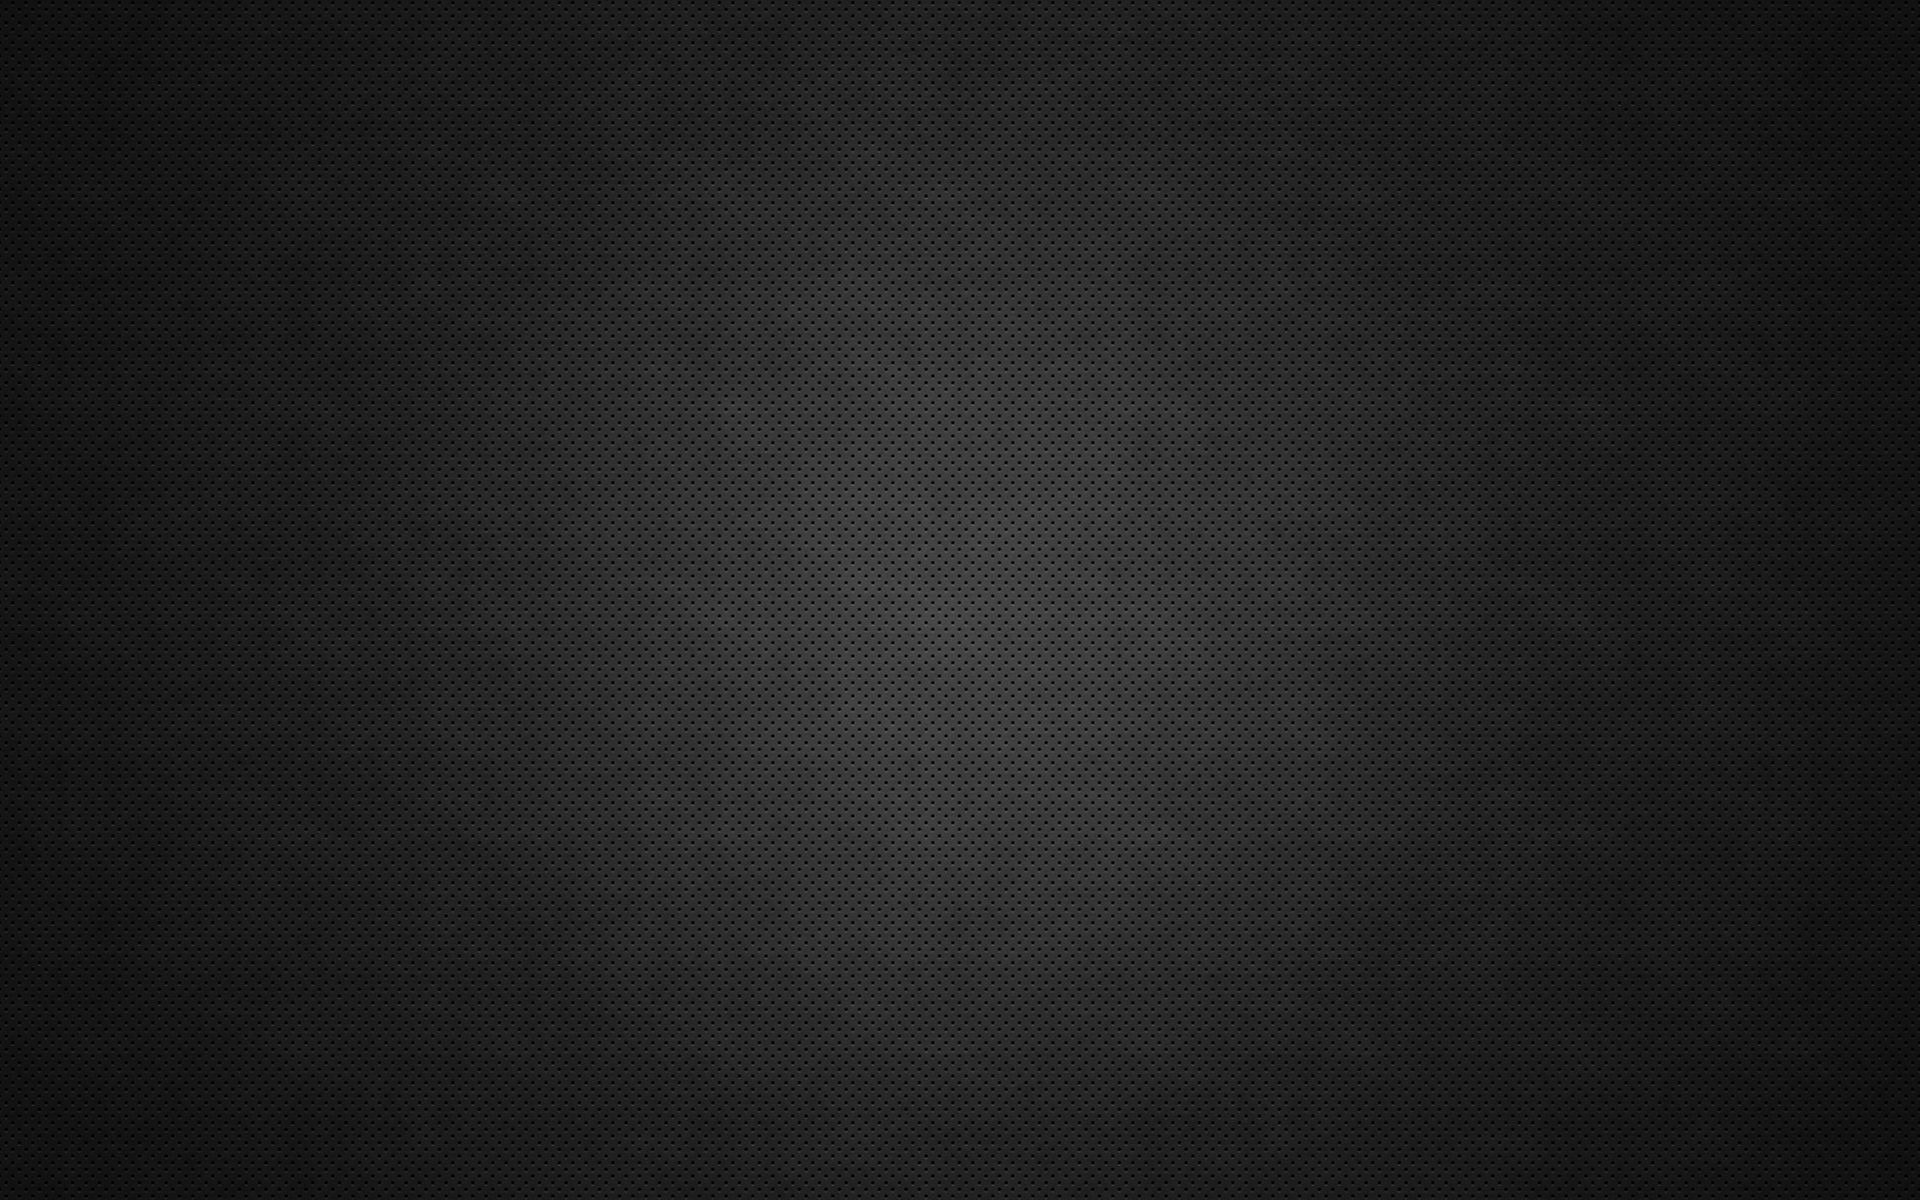 Fondo gris con textura - 1920x1200